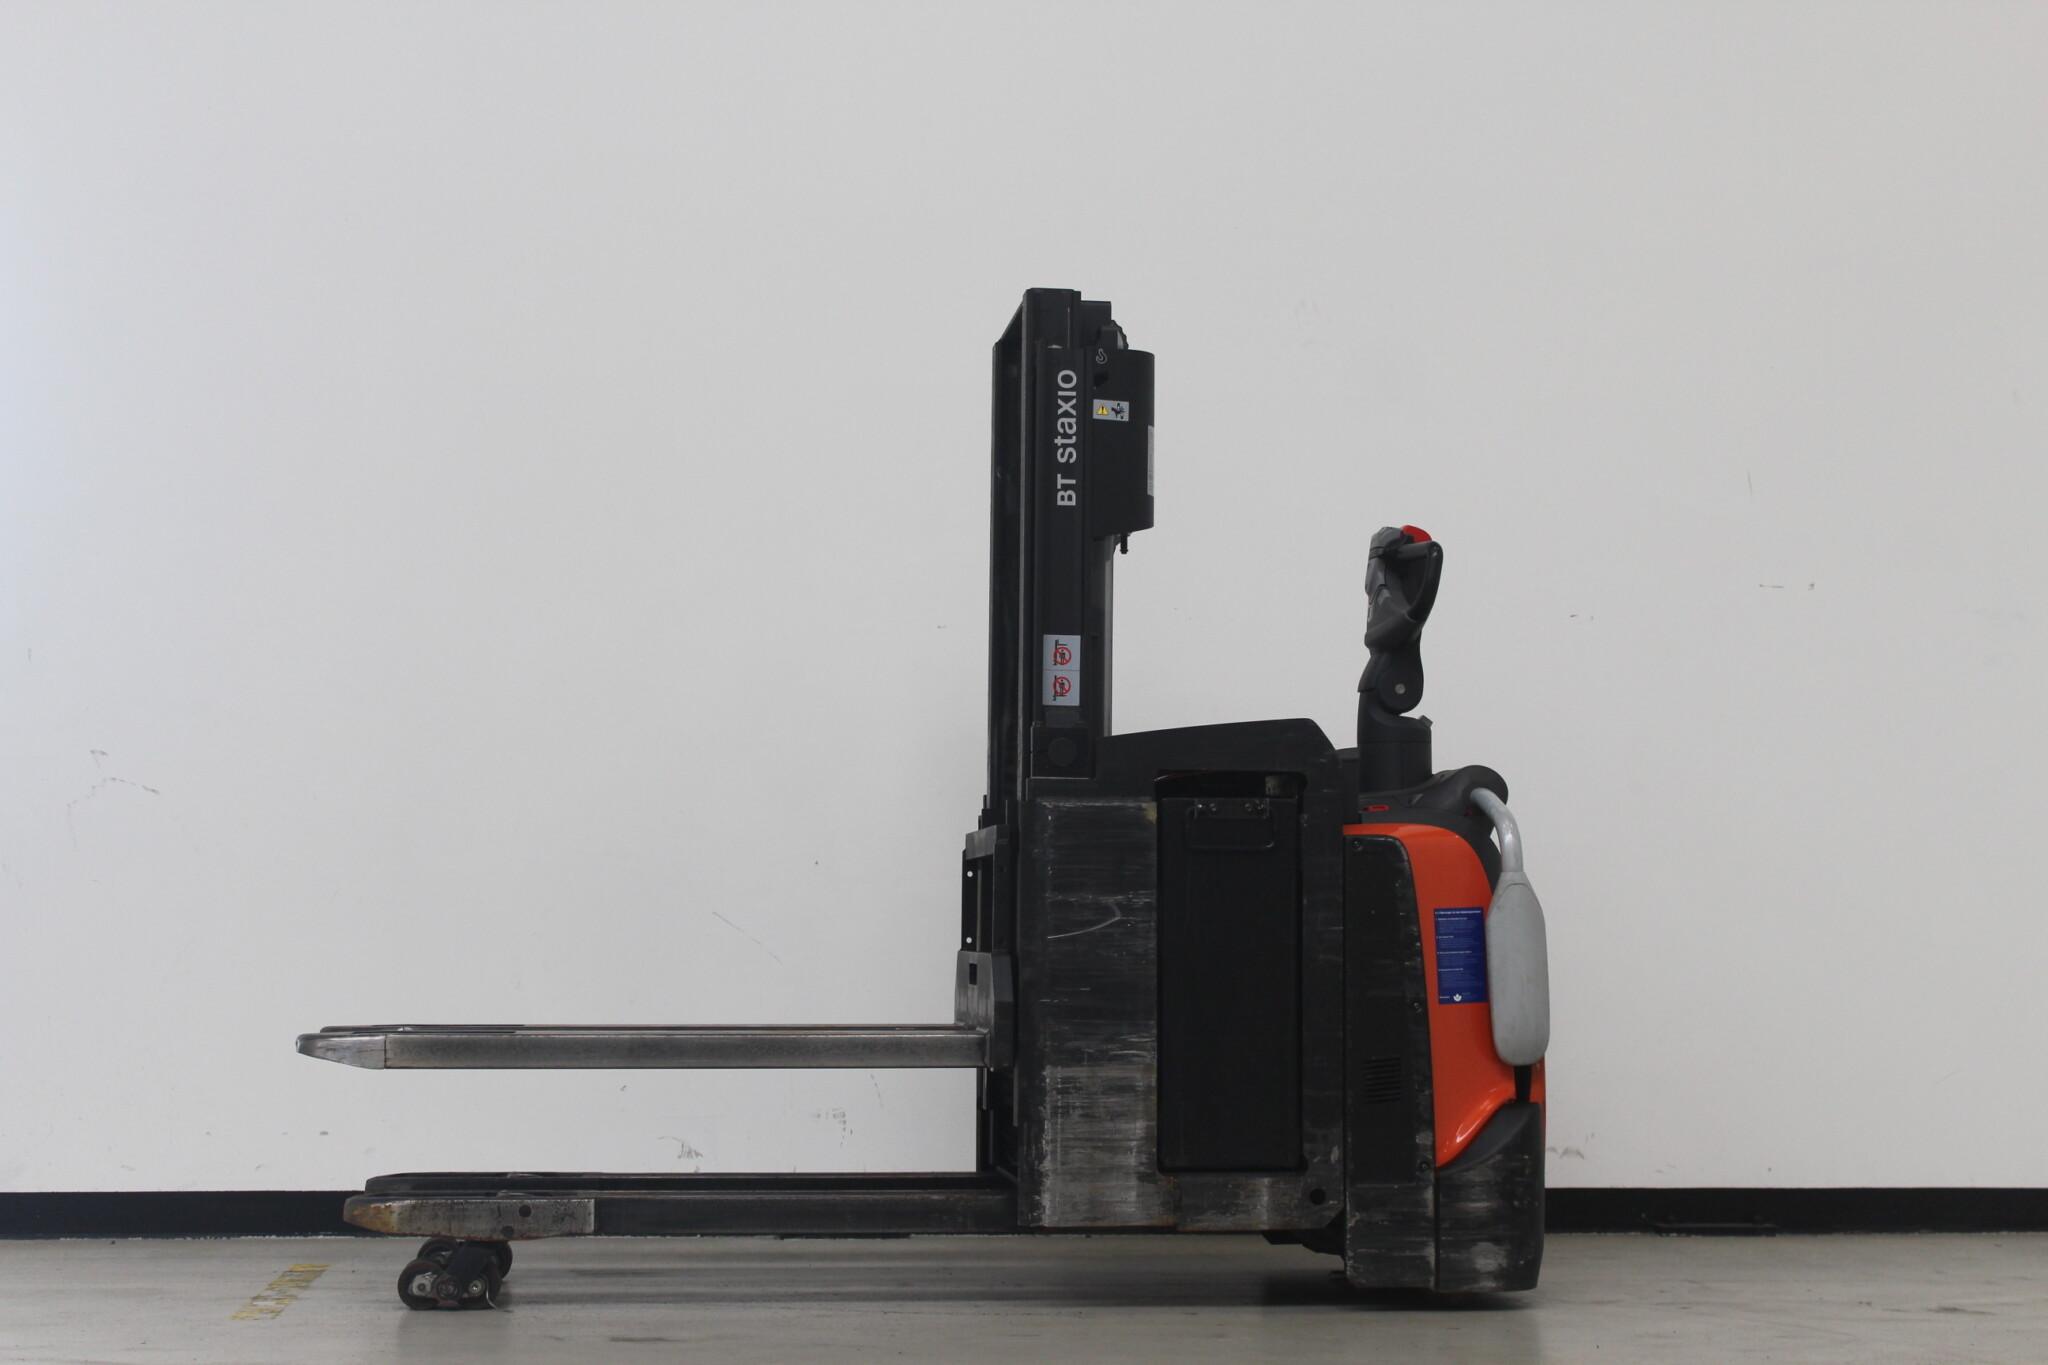 Toyota-Gabelstapler-59840 1611031913 1 scaled